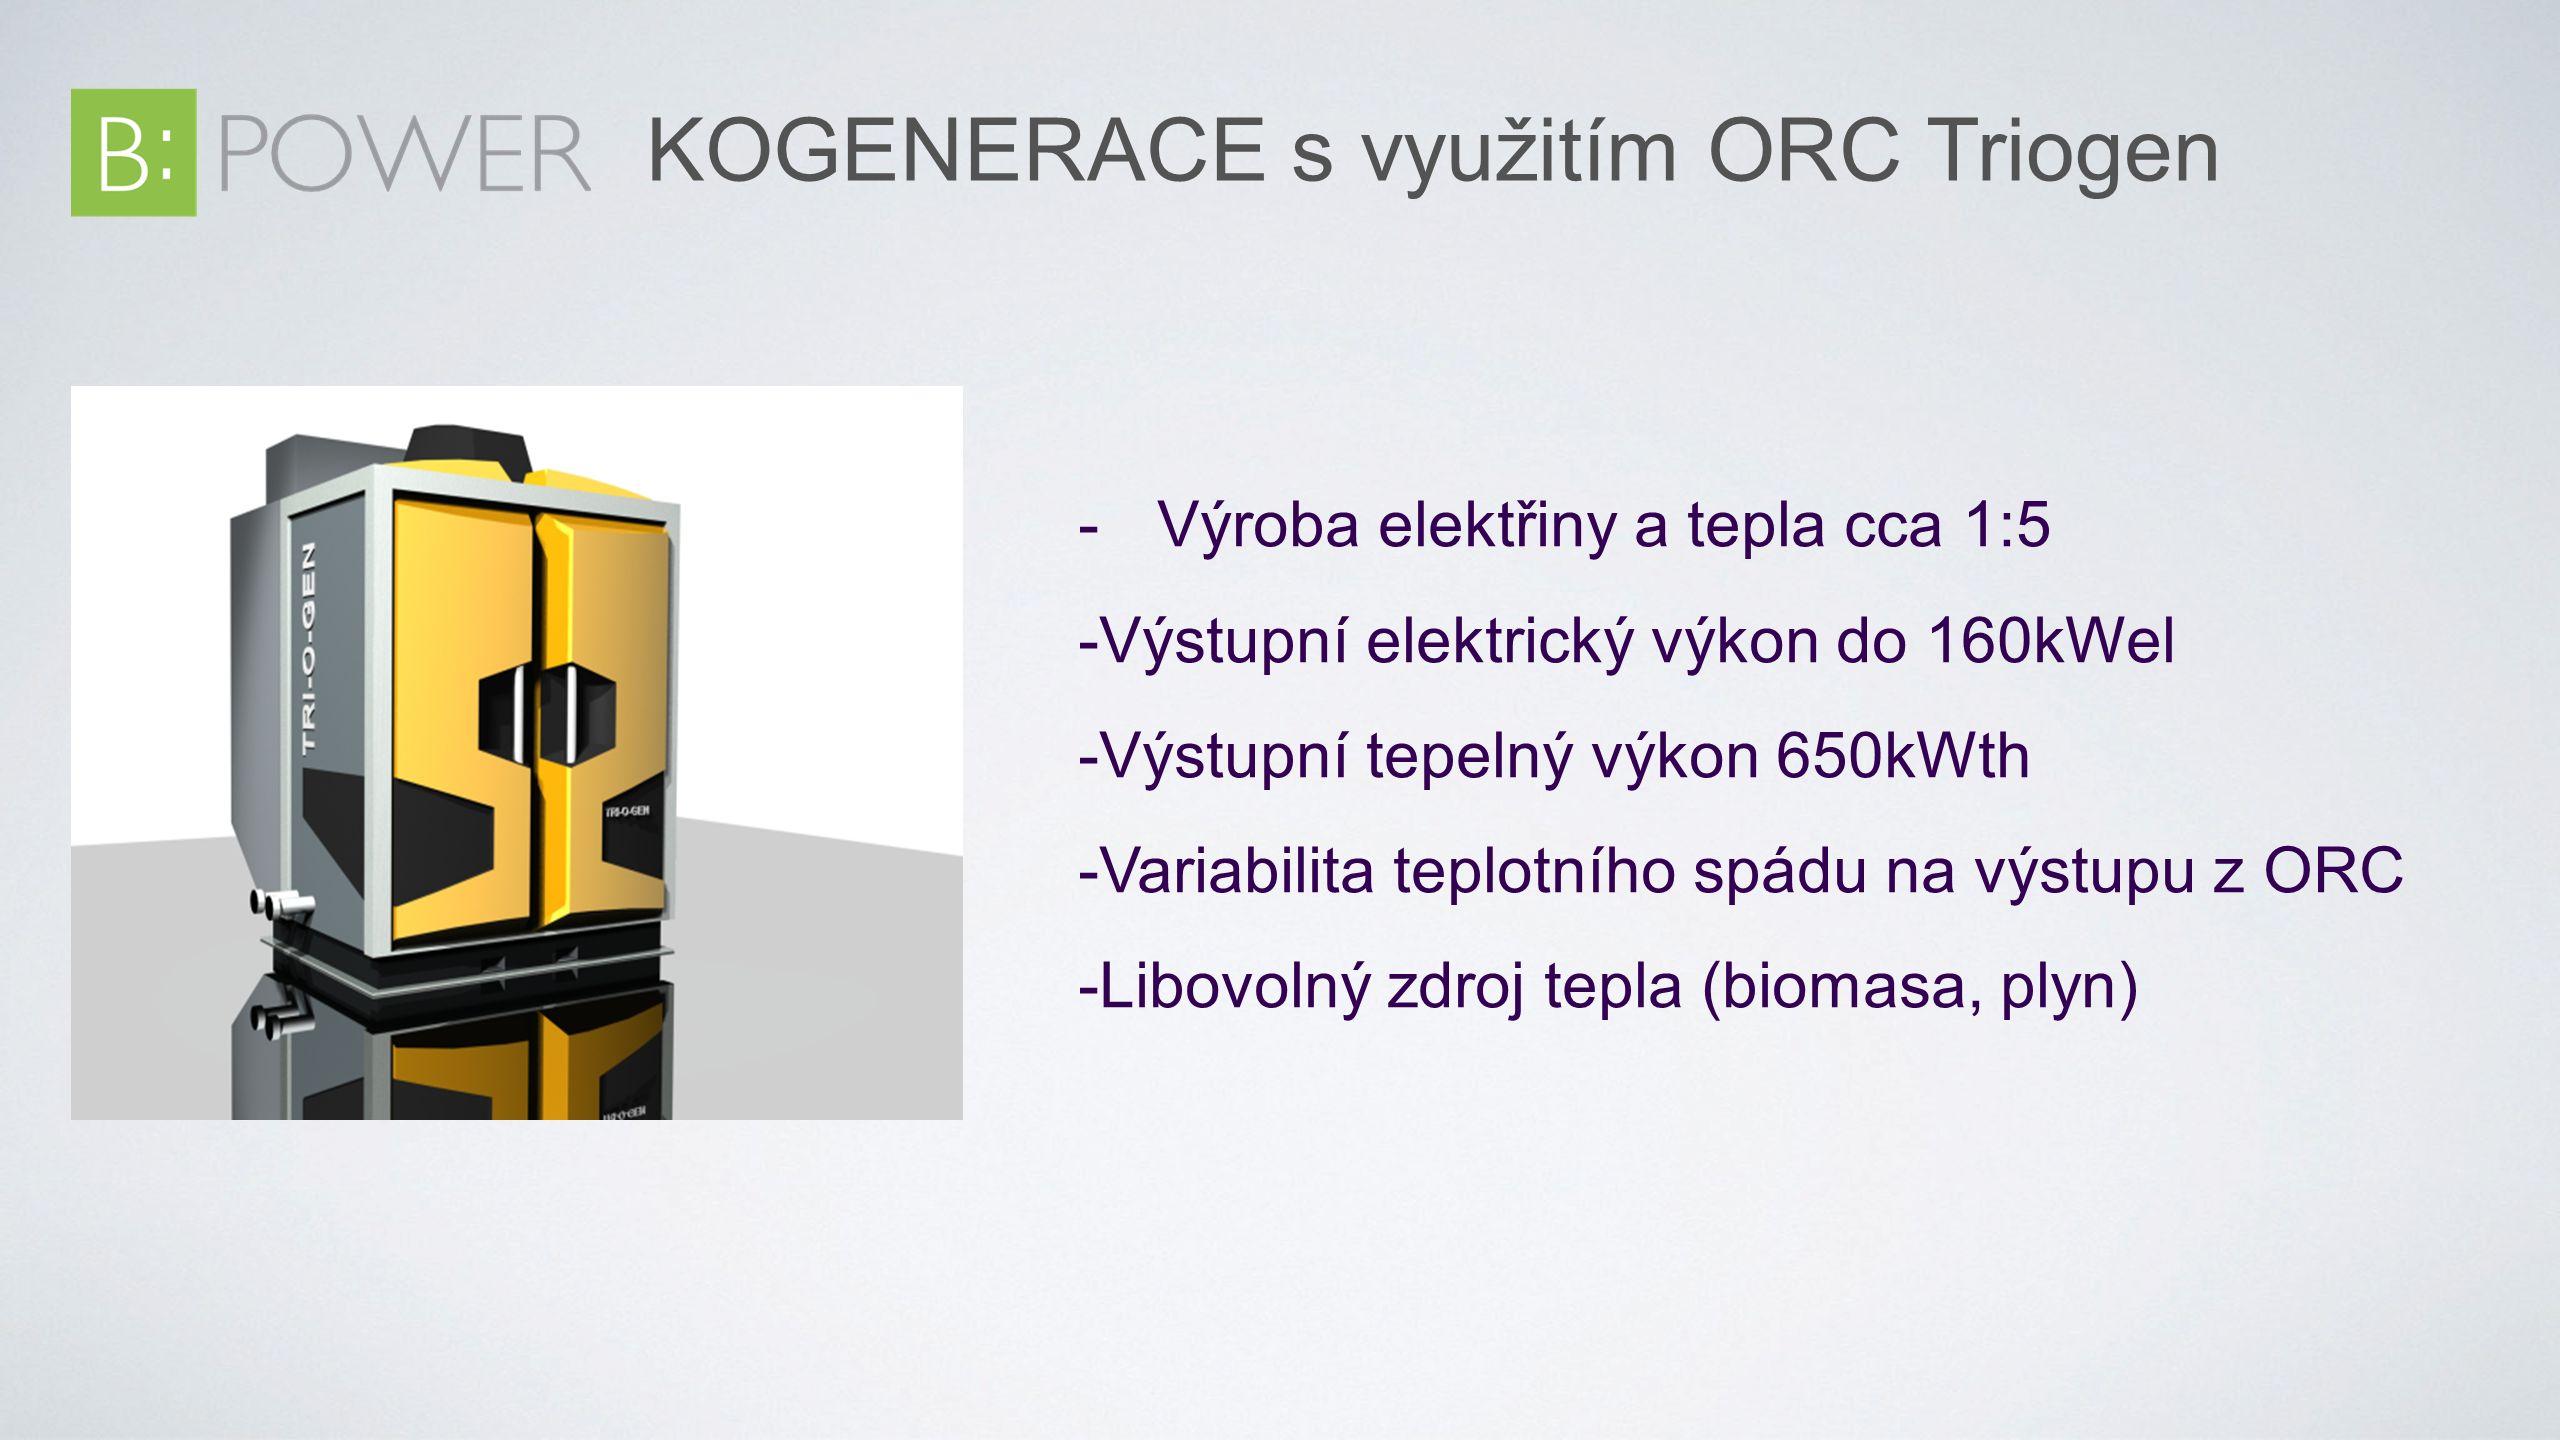 KOGENERACE s využitím ORC Triogen - Výroba elektřiny a tepla cca 1:5 -Výstupní elektrický výkon do 160kWel -Výstupní tepelný výkon 650kWth -Variabilita teplotního spádu na výstupu z ORC -Libovolný zdroj tepla (biomasa, plyn)